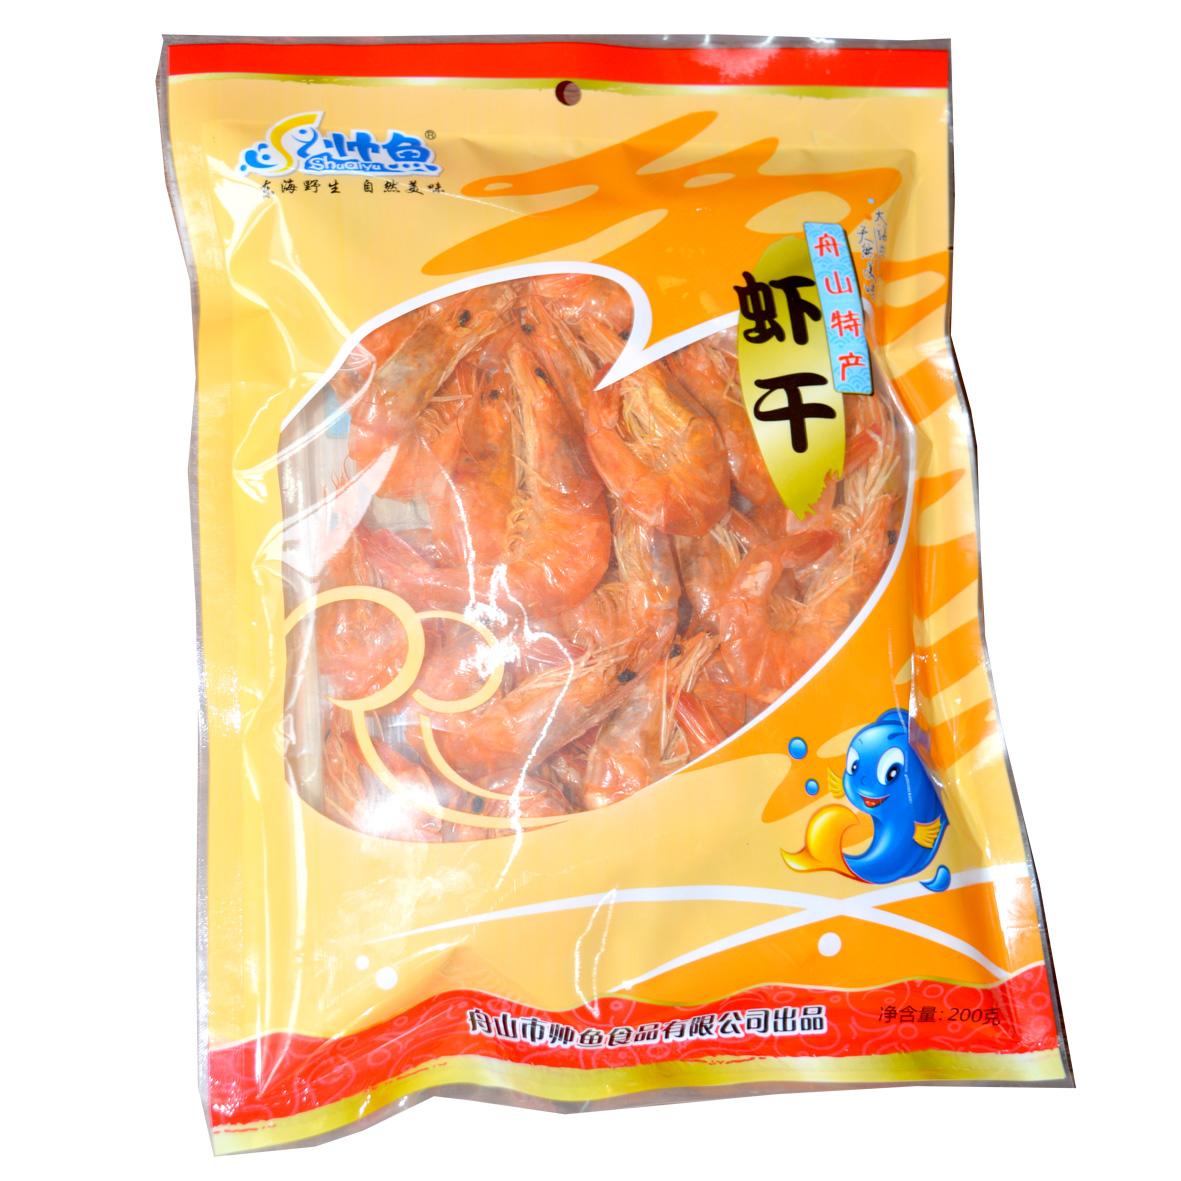 舟山特产 对虾干即食大对虾 烤虾干 海鲜干货海味小吃零食品200G